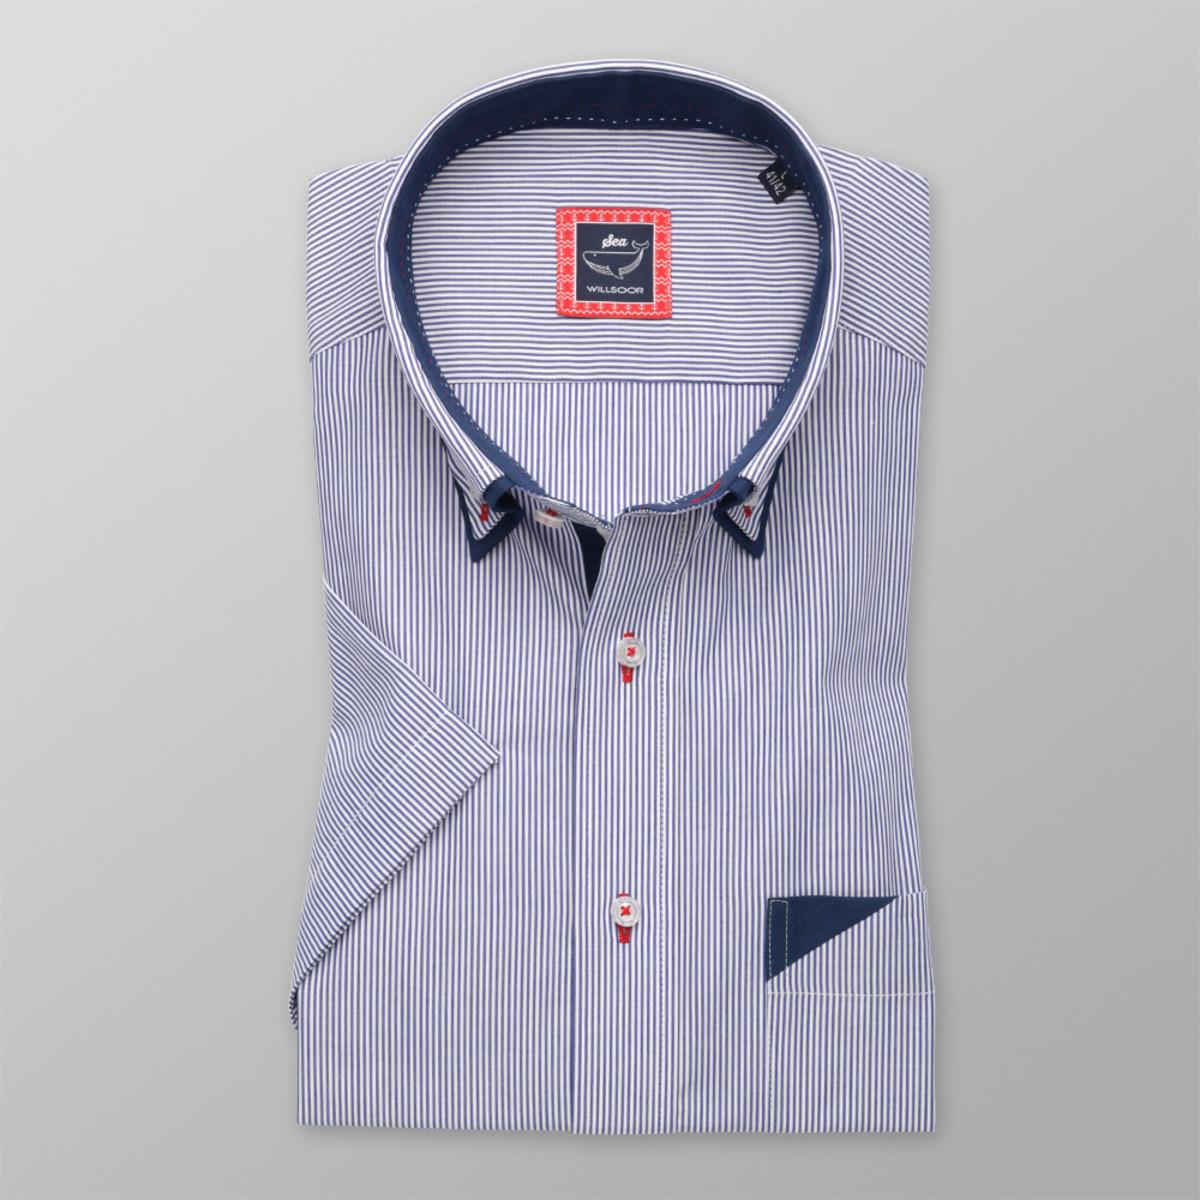 Košeľa Slim Fit modro-biely pruhovaný vzor (výška 176 - 182) 10731 176-182 / M (39/40)